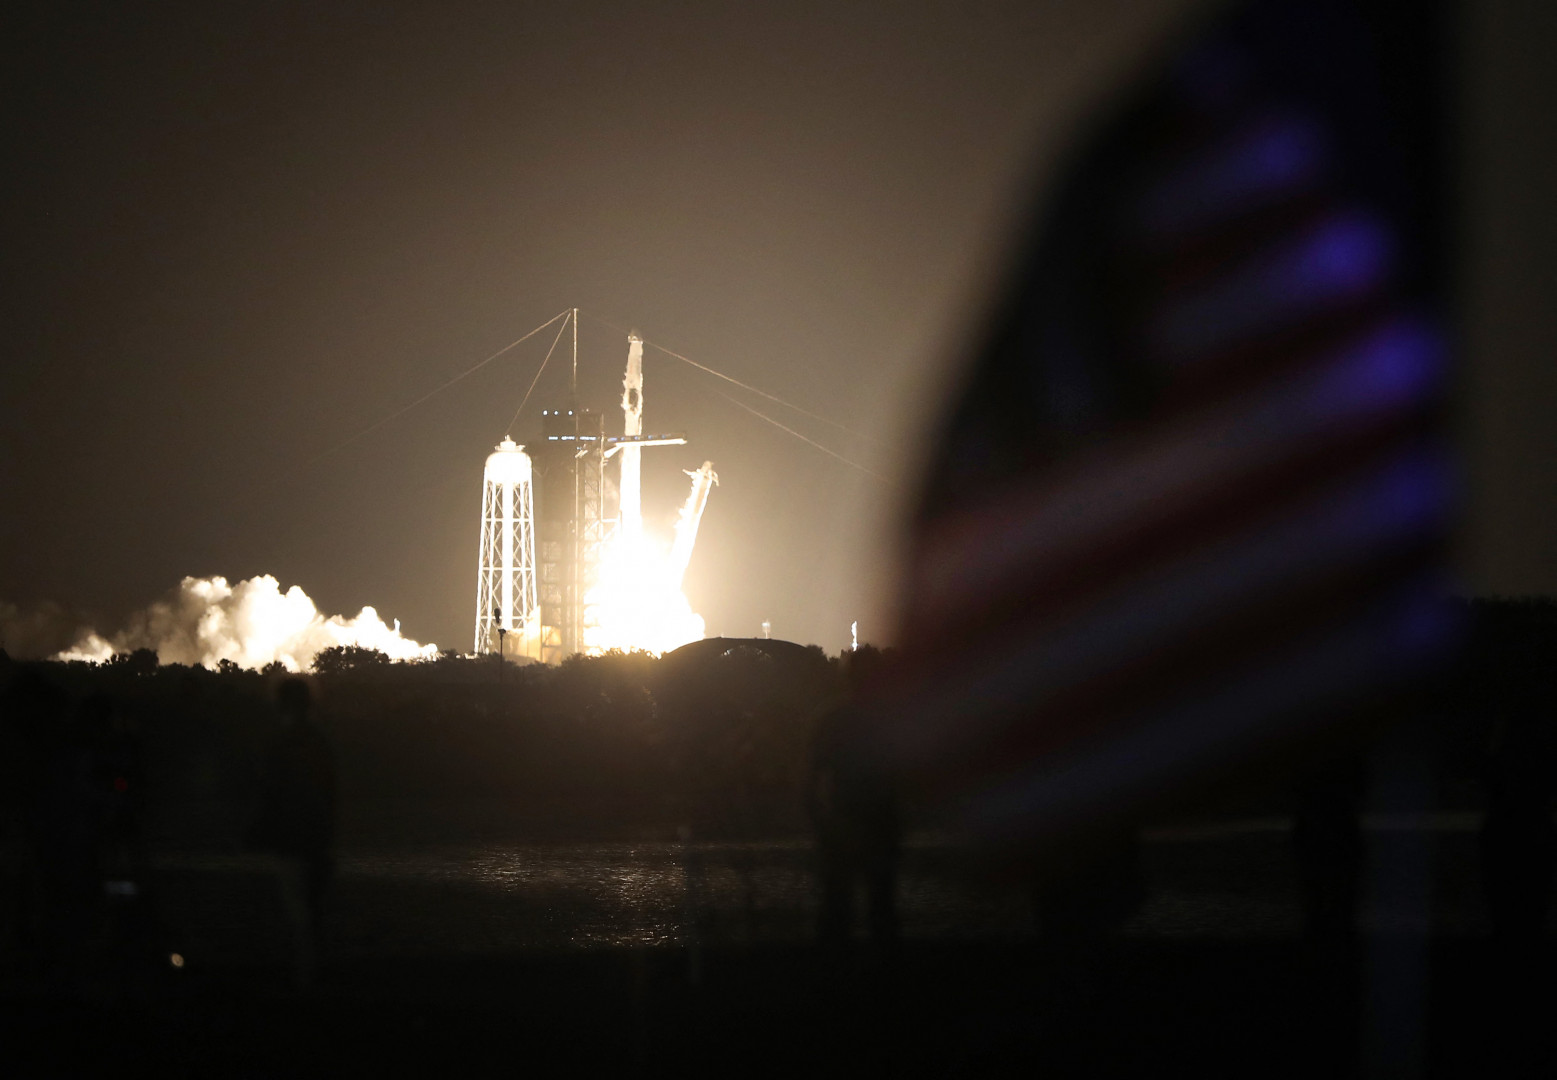 Avec le succès en mai 2020 de son premier vol test habité, SpaceX a brisé le monopole russe des envols vers l'ISS.